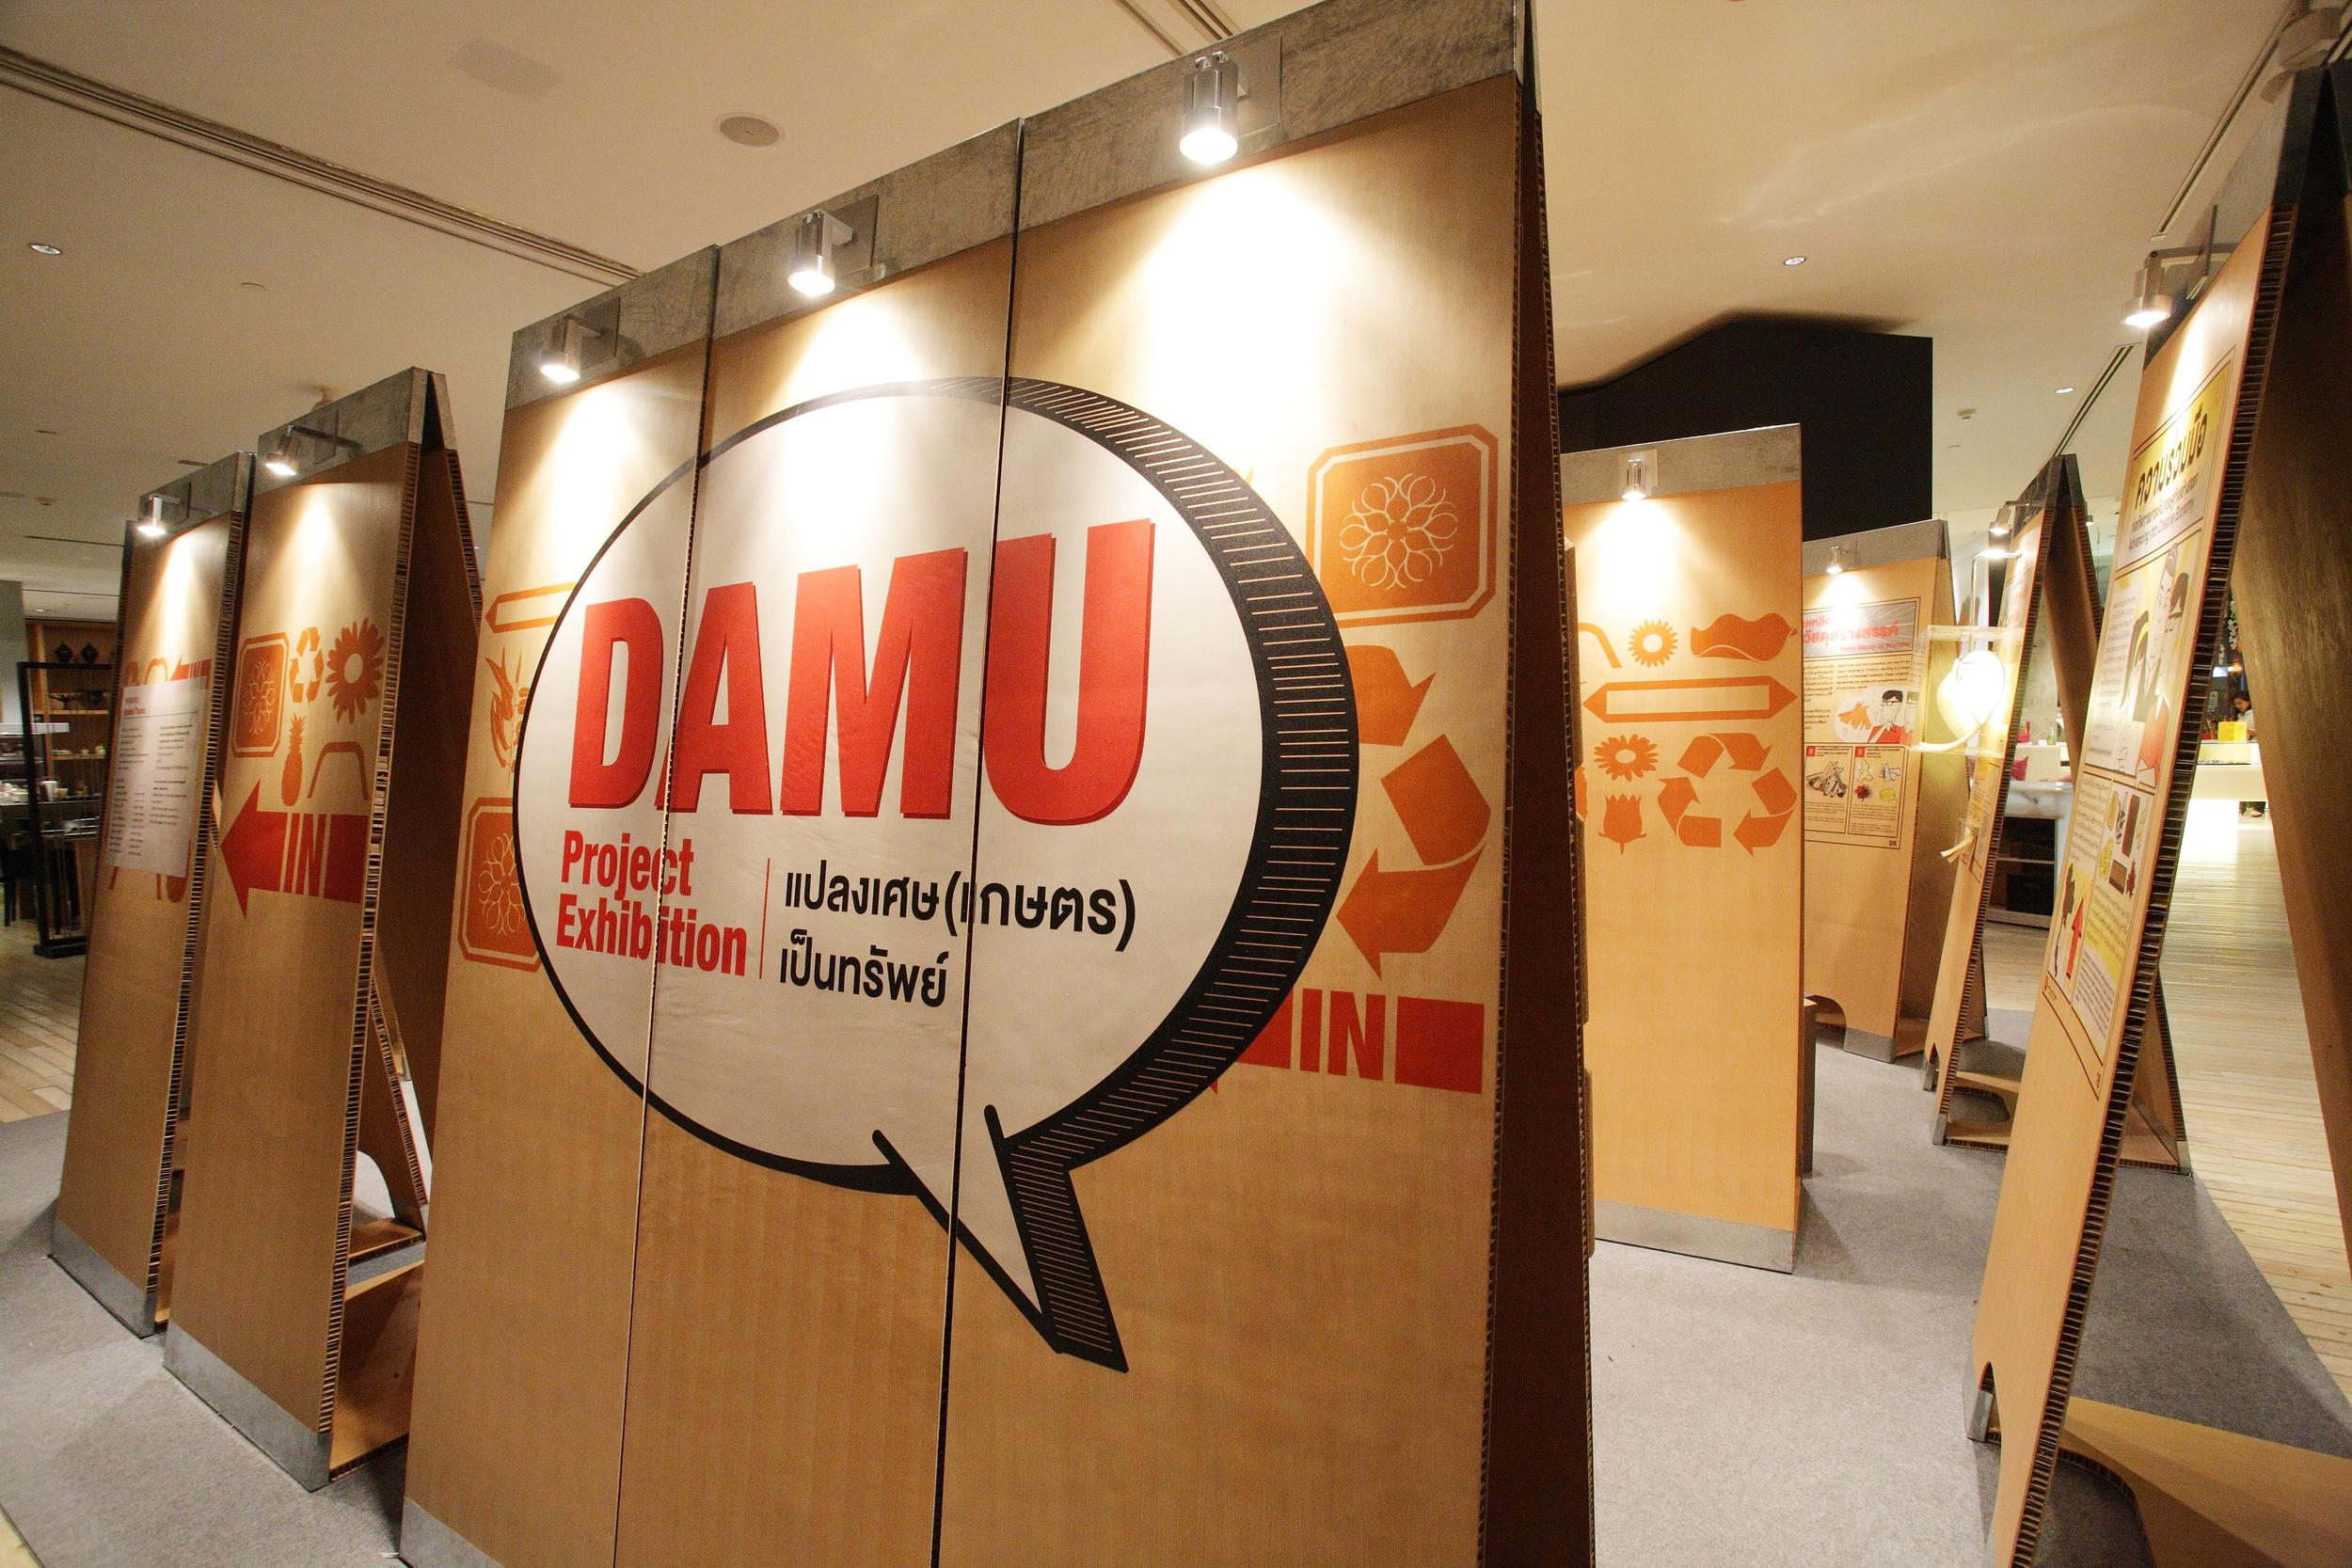 DAMU_005.JPG